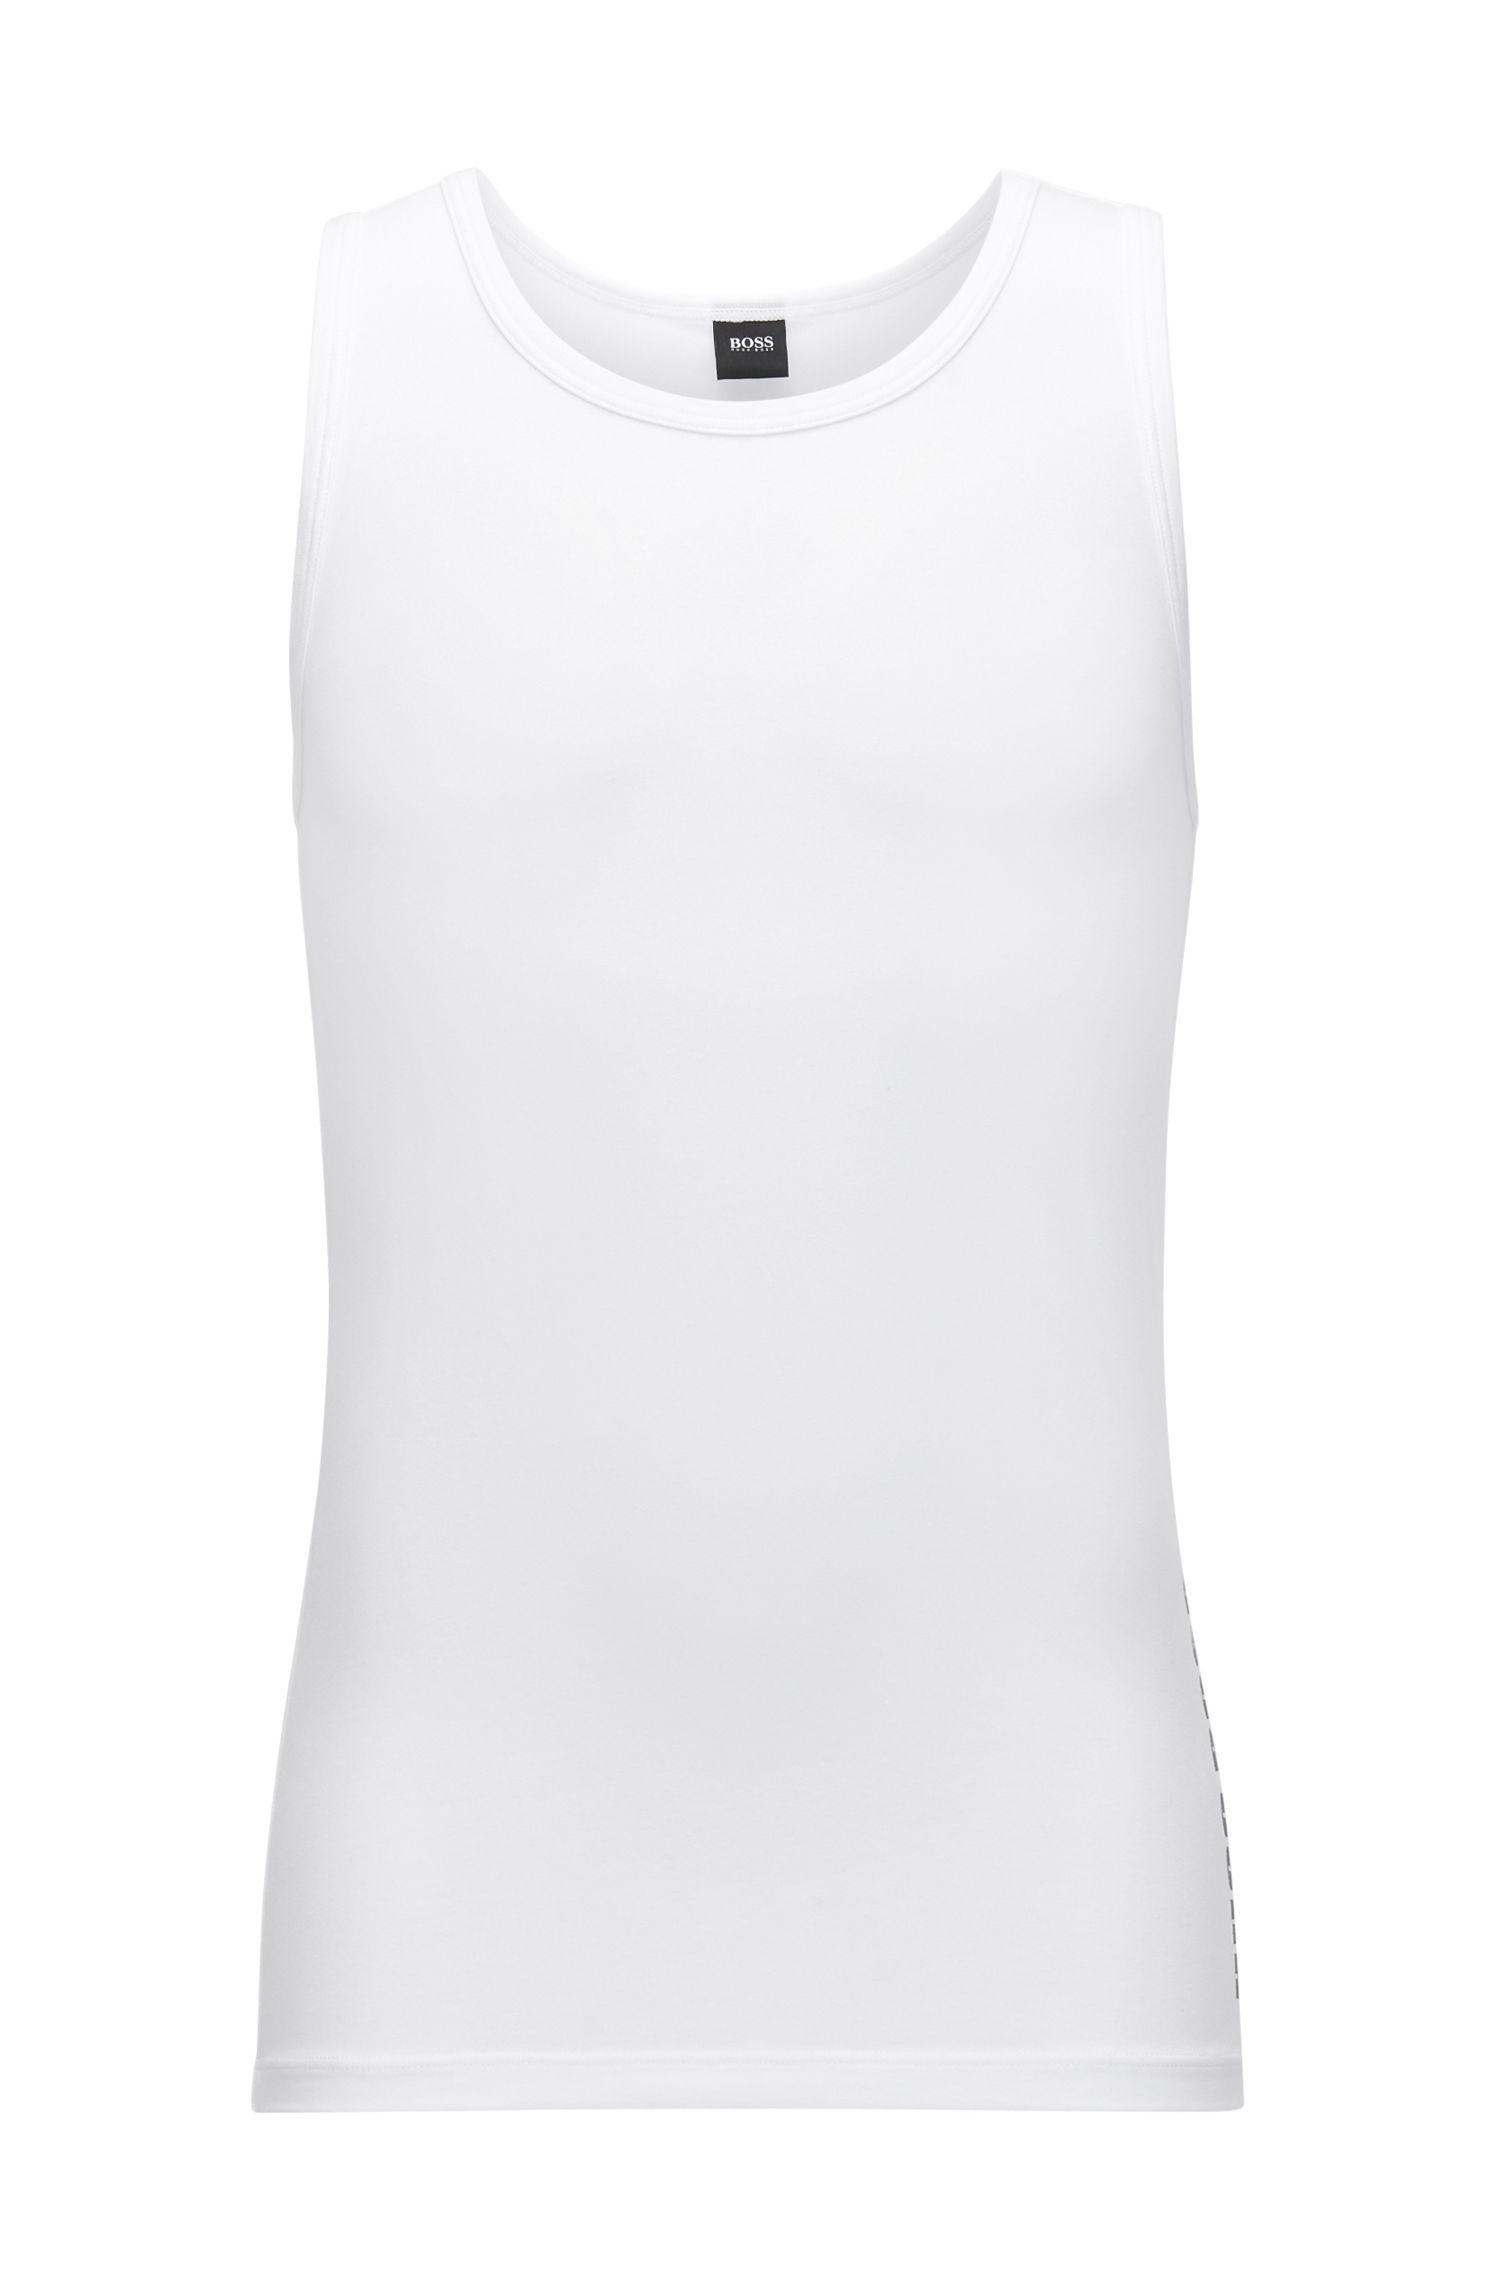 Camiseta sin mangas en punto sencillo con logo y pronunciado cuello redondo